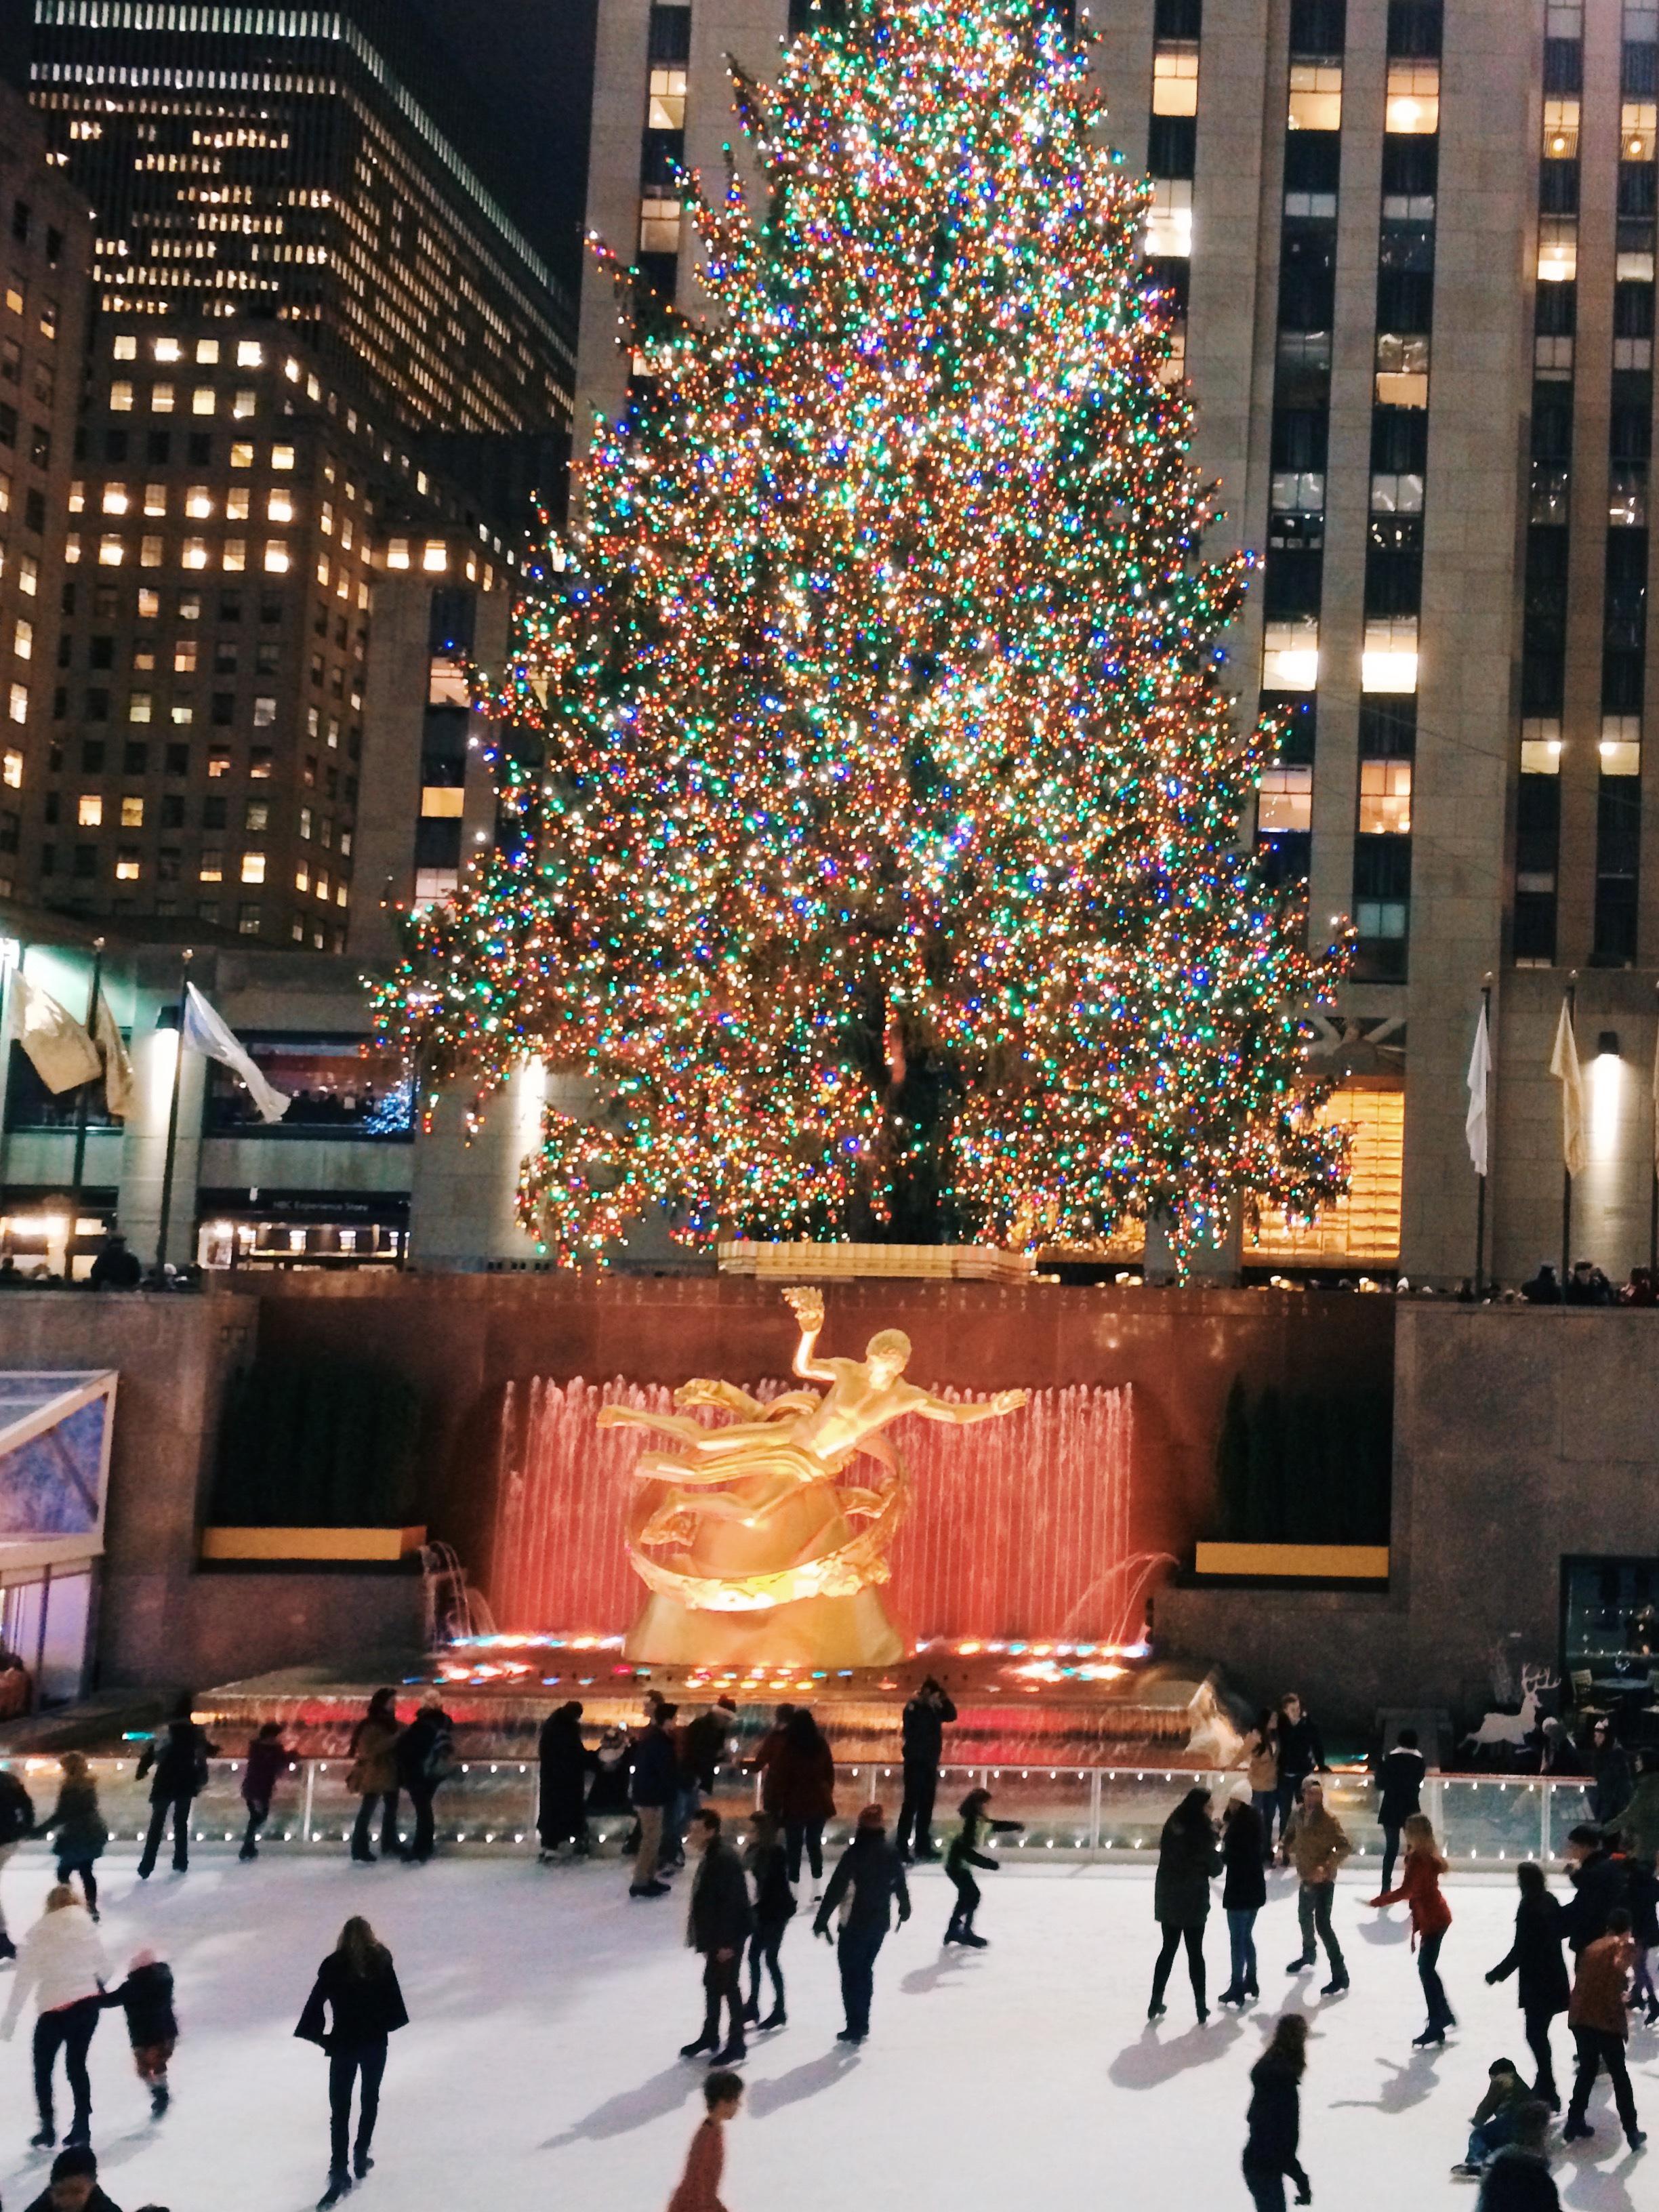 35c7e349 4a62 4f48 a9ad 3e0d18e9a968 - Christmas in New York - ホリデーシーズンのニューヨーク 街に溢れるクリスマスイルミネーション